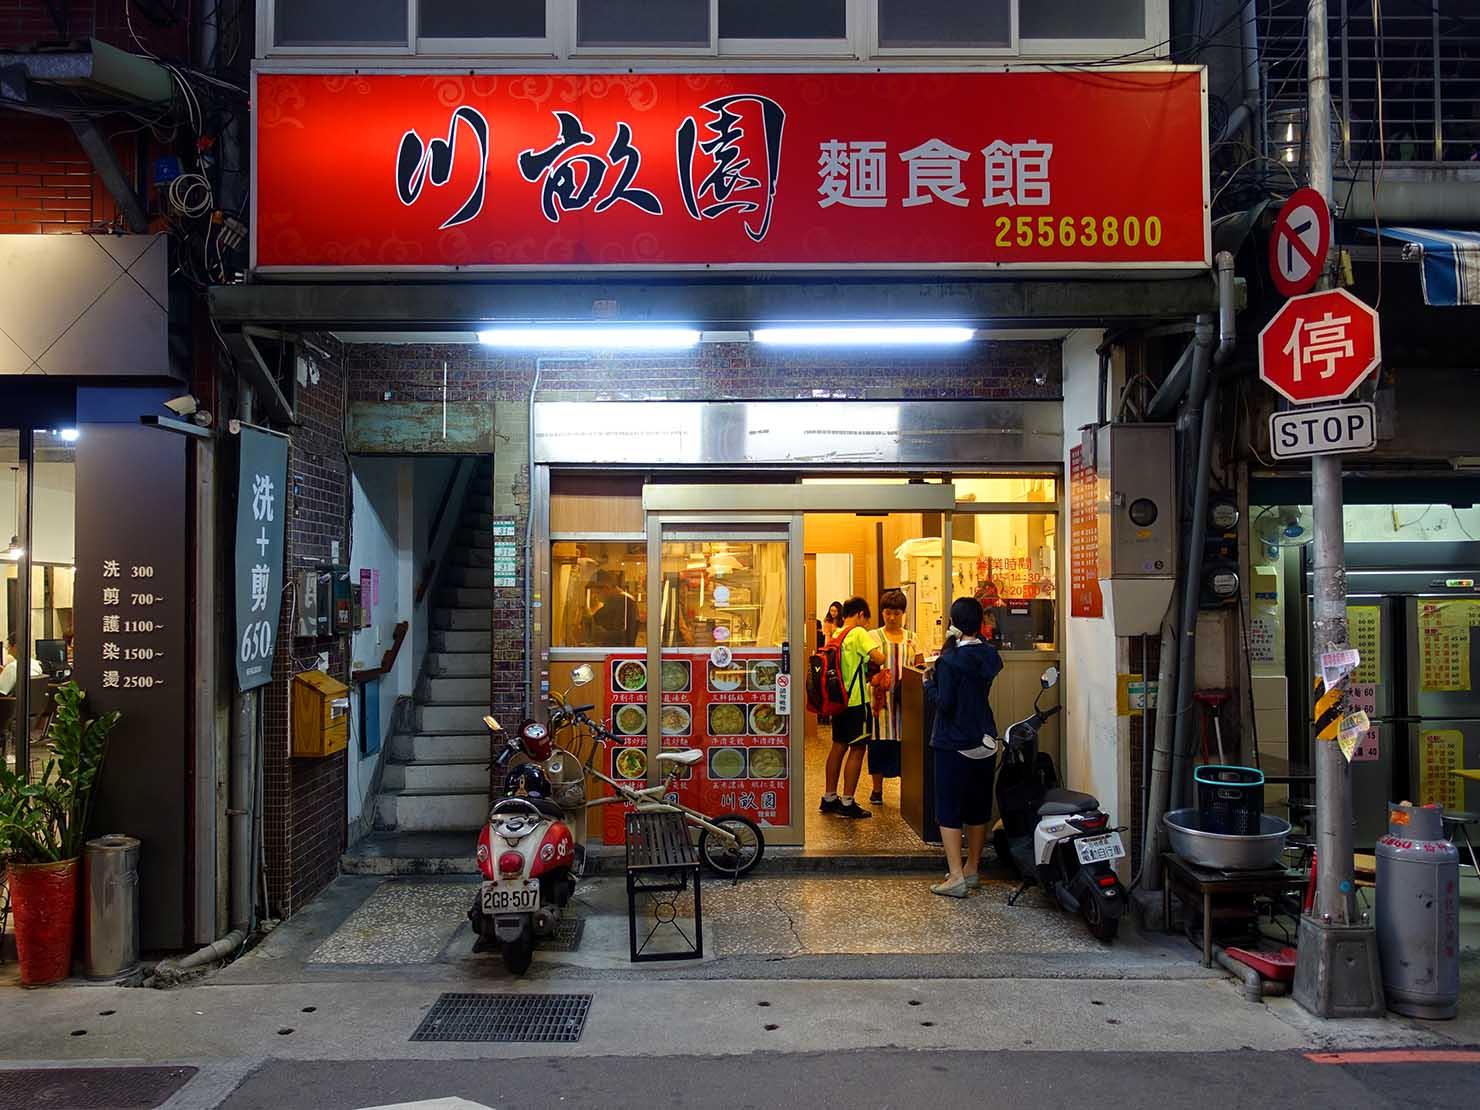 台北・中山駅周辺のおすすめグルメ店「川畝園麵食館」の外観